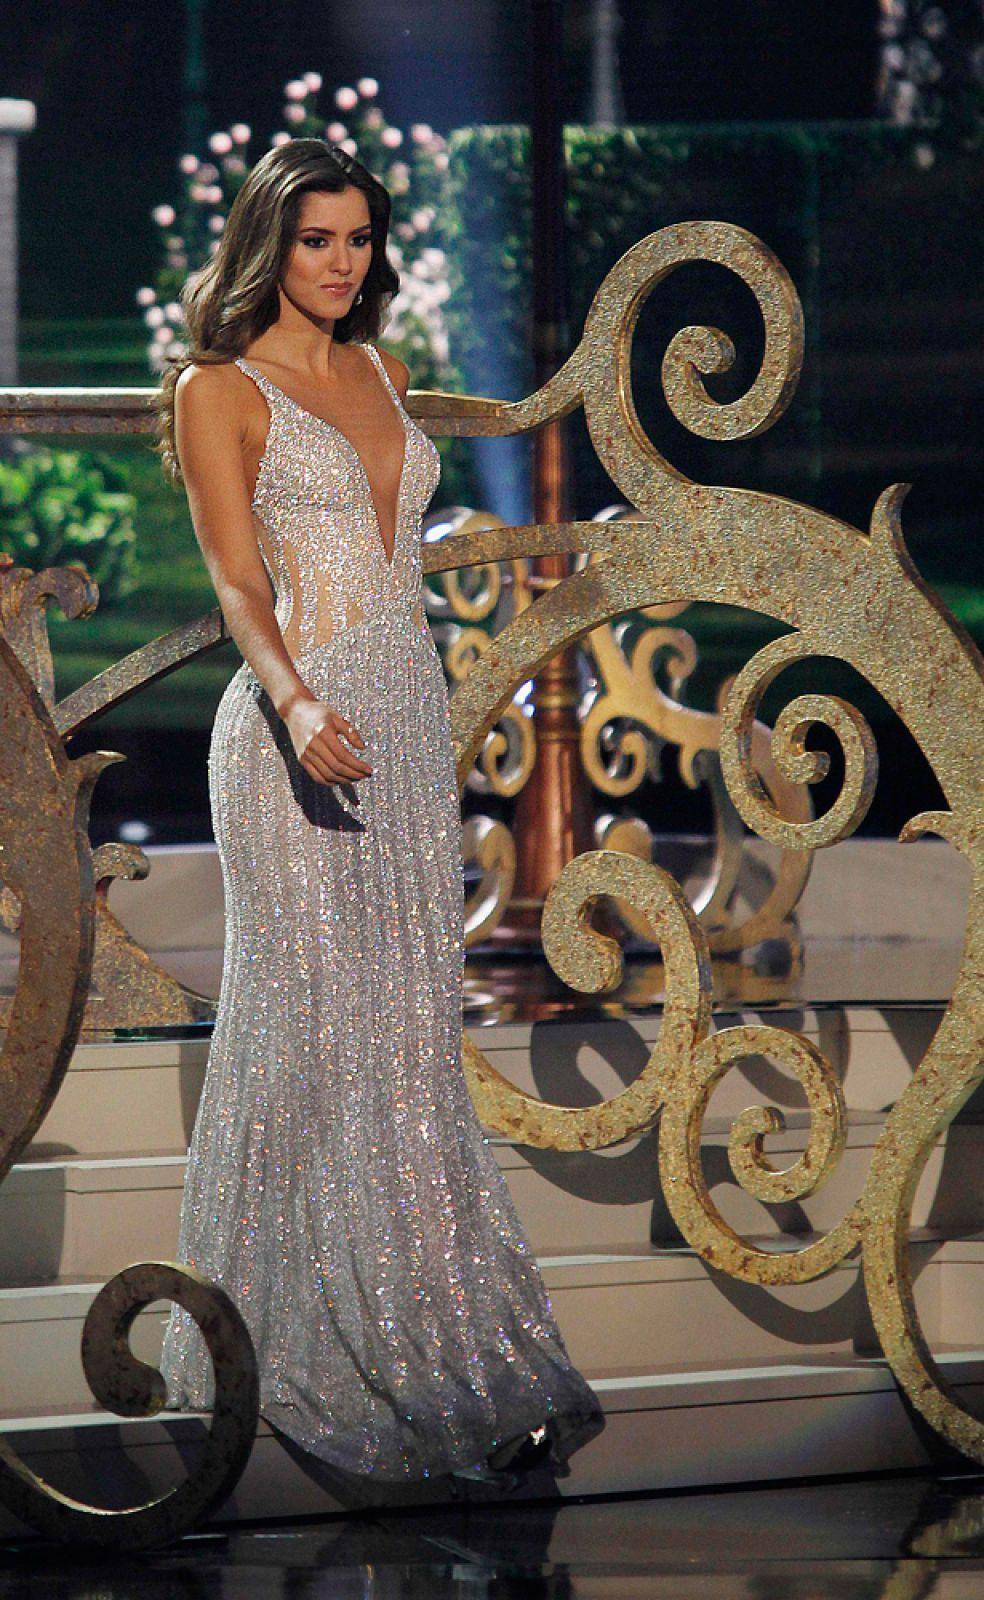 Конкурс «Мисс Вселенная» ведет историю с 1952 года. Он входит в число четырех самых престижных международных смотров красоты наряду с «Мисс мира», «Мисс Земля» и «Мисс International». Владельцы конкурса - американский бизнесмен Дональд Трамп и телекомпания NBC Universal.